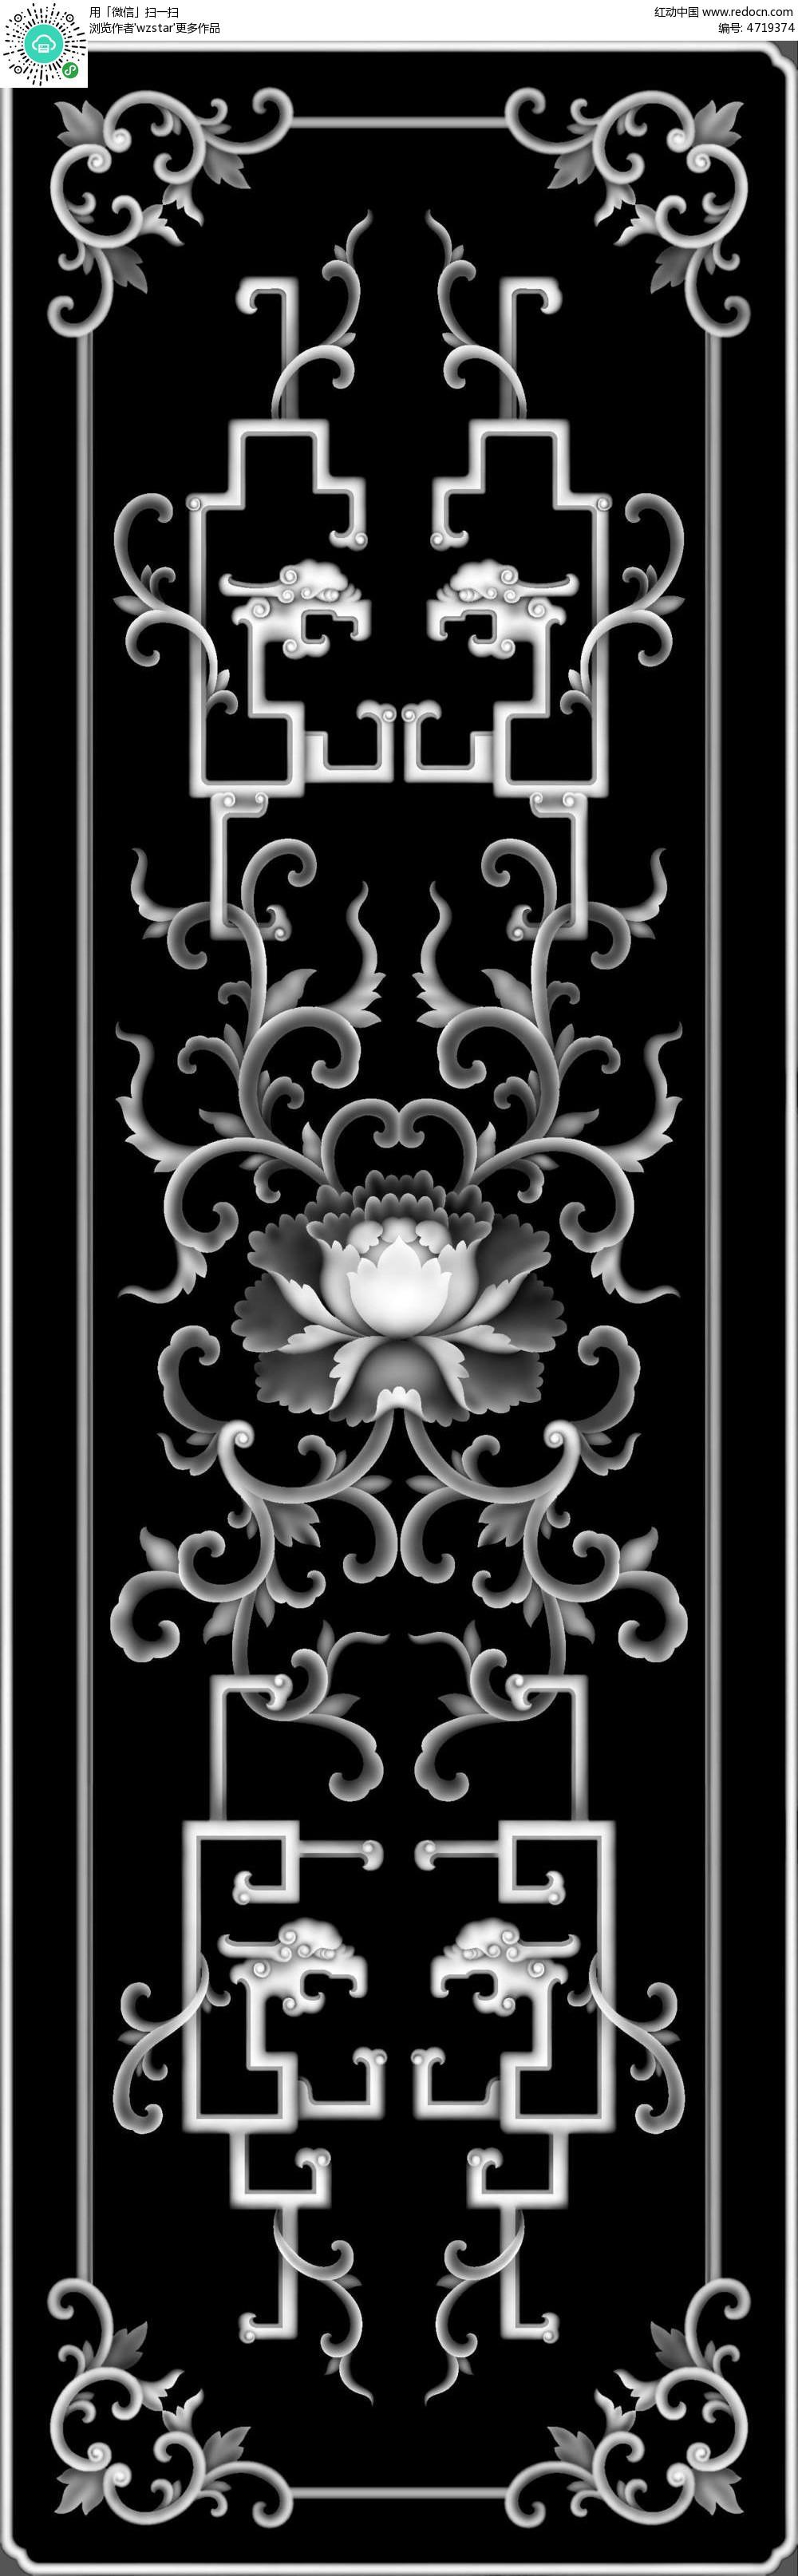 中式花朵花纹黑白精雕